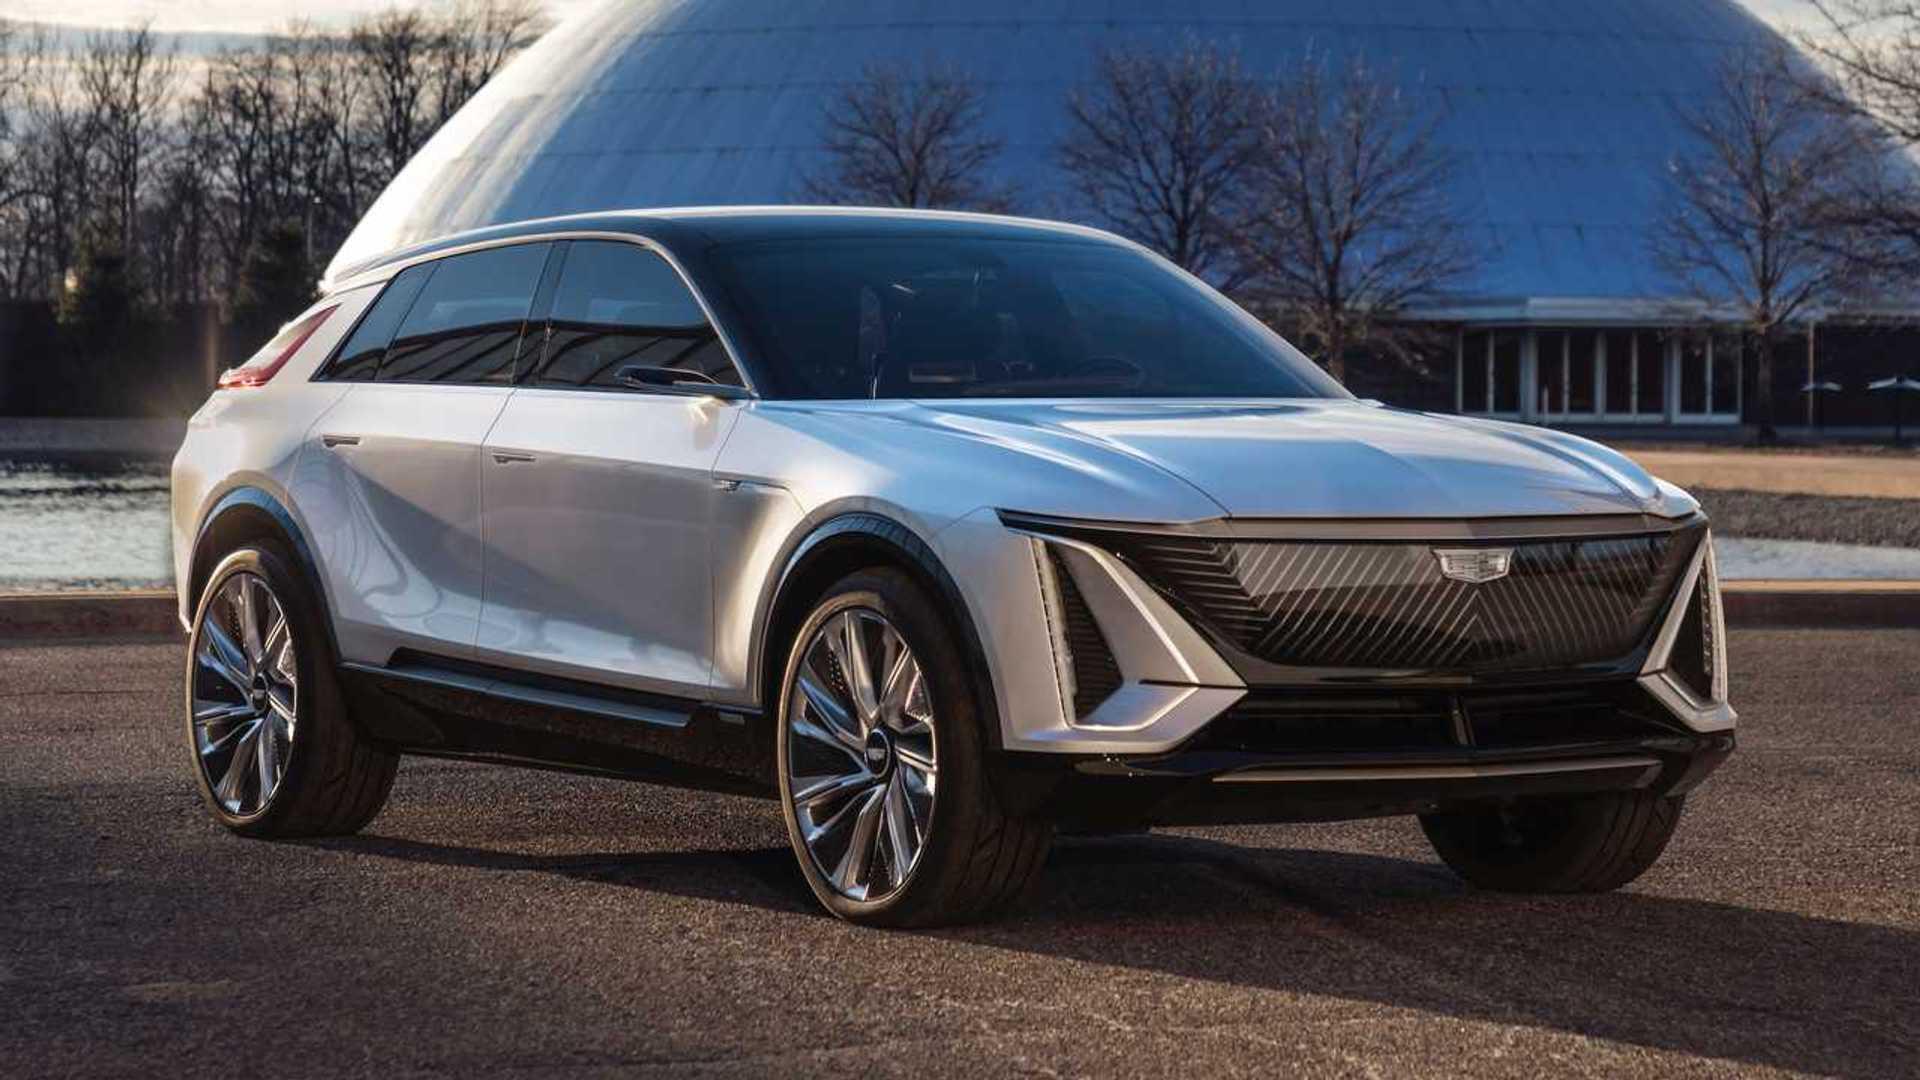 2023 Cadillac Lyriq EV Revealed: Impressive Range, Futuristic Styling